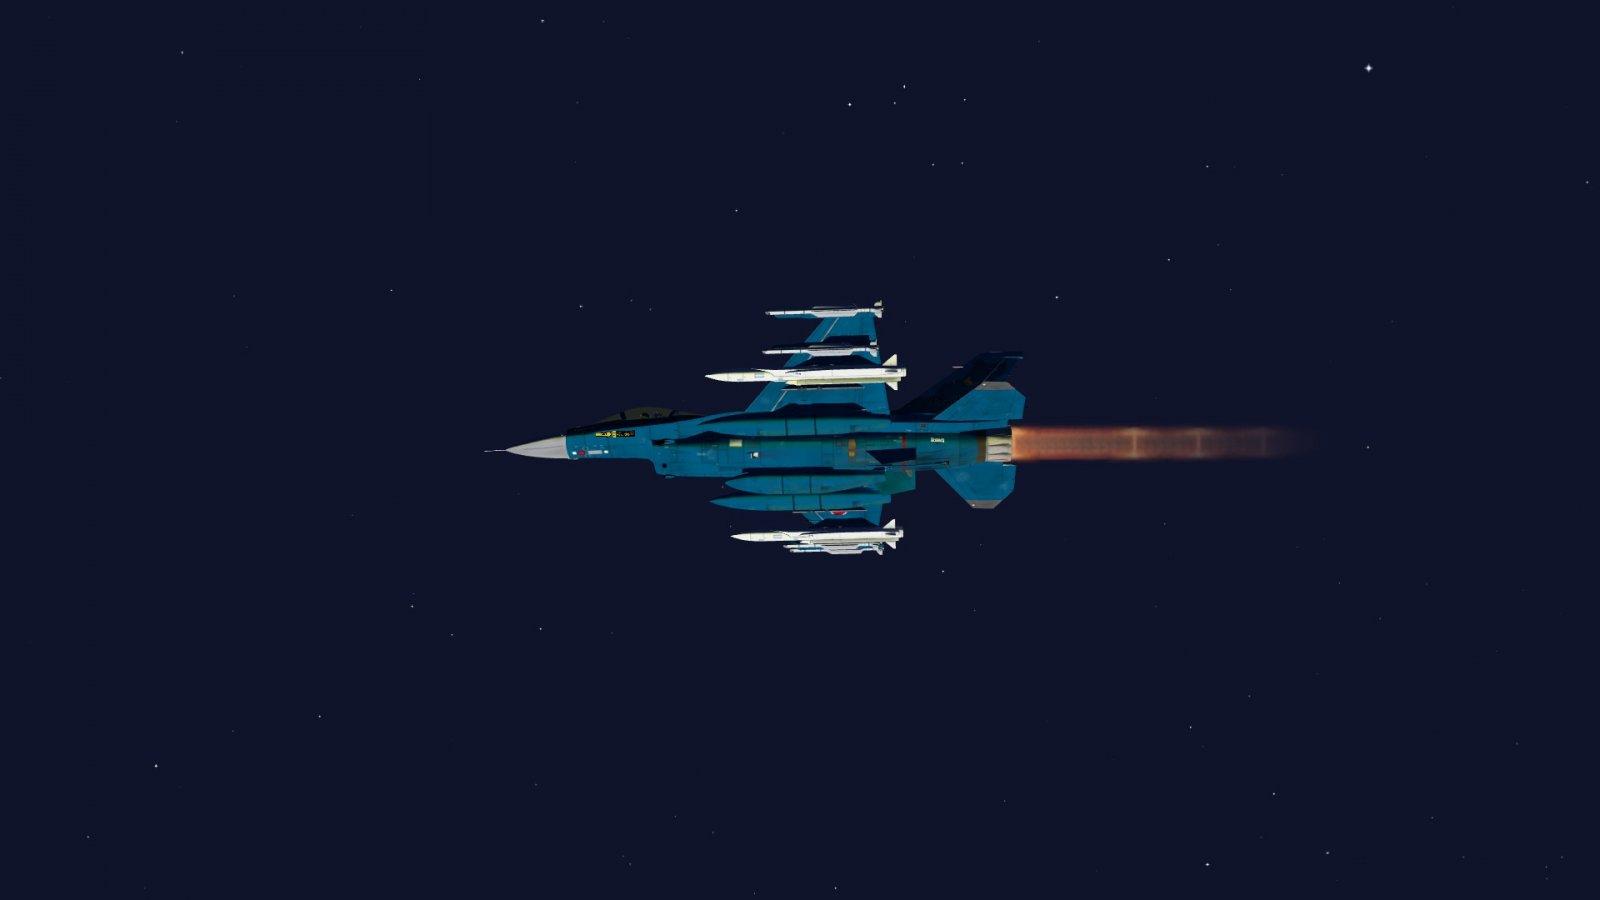 ASM-3 Rocket Lighting Up F-2A Underbelly